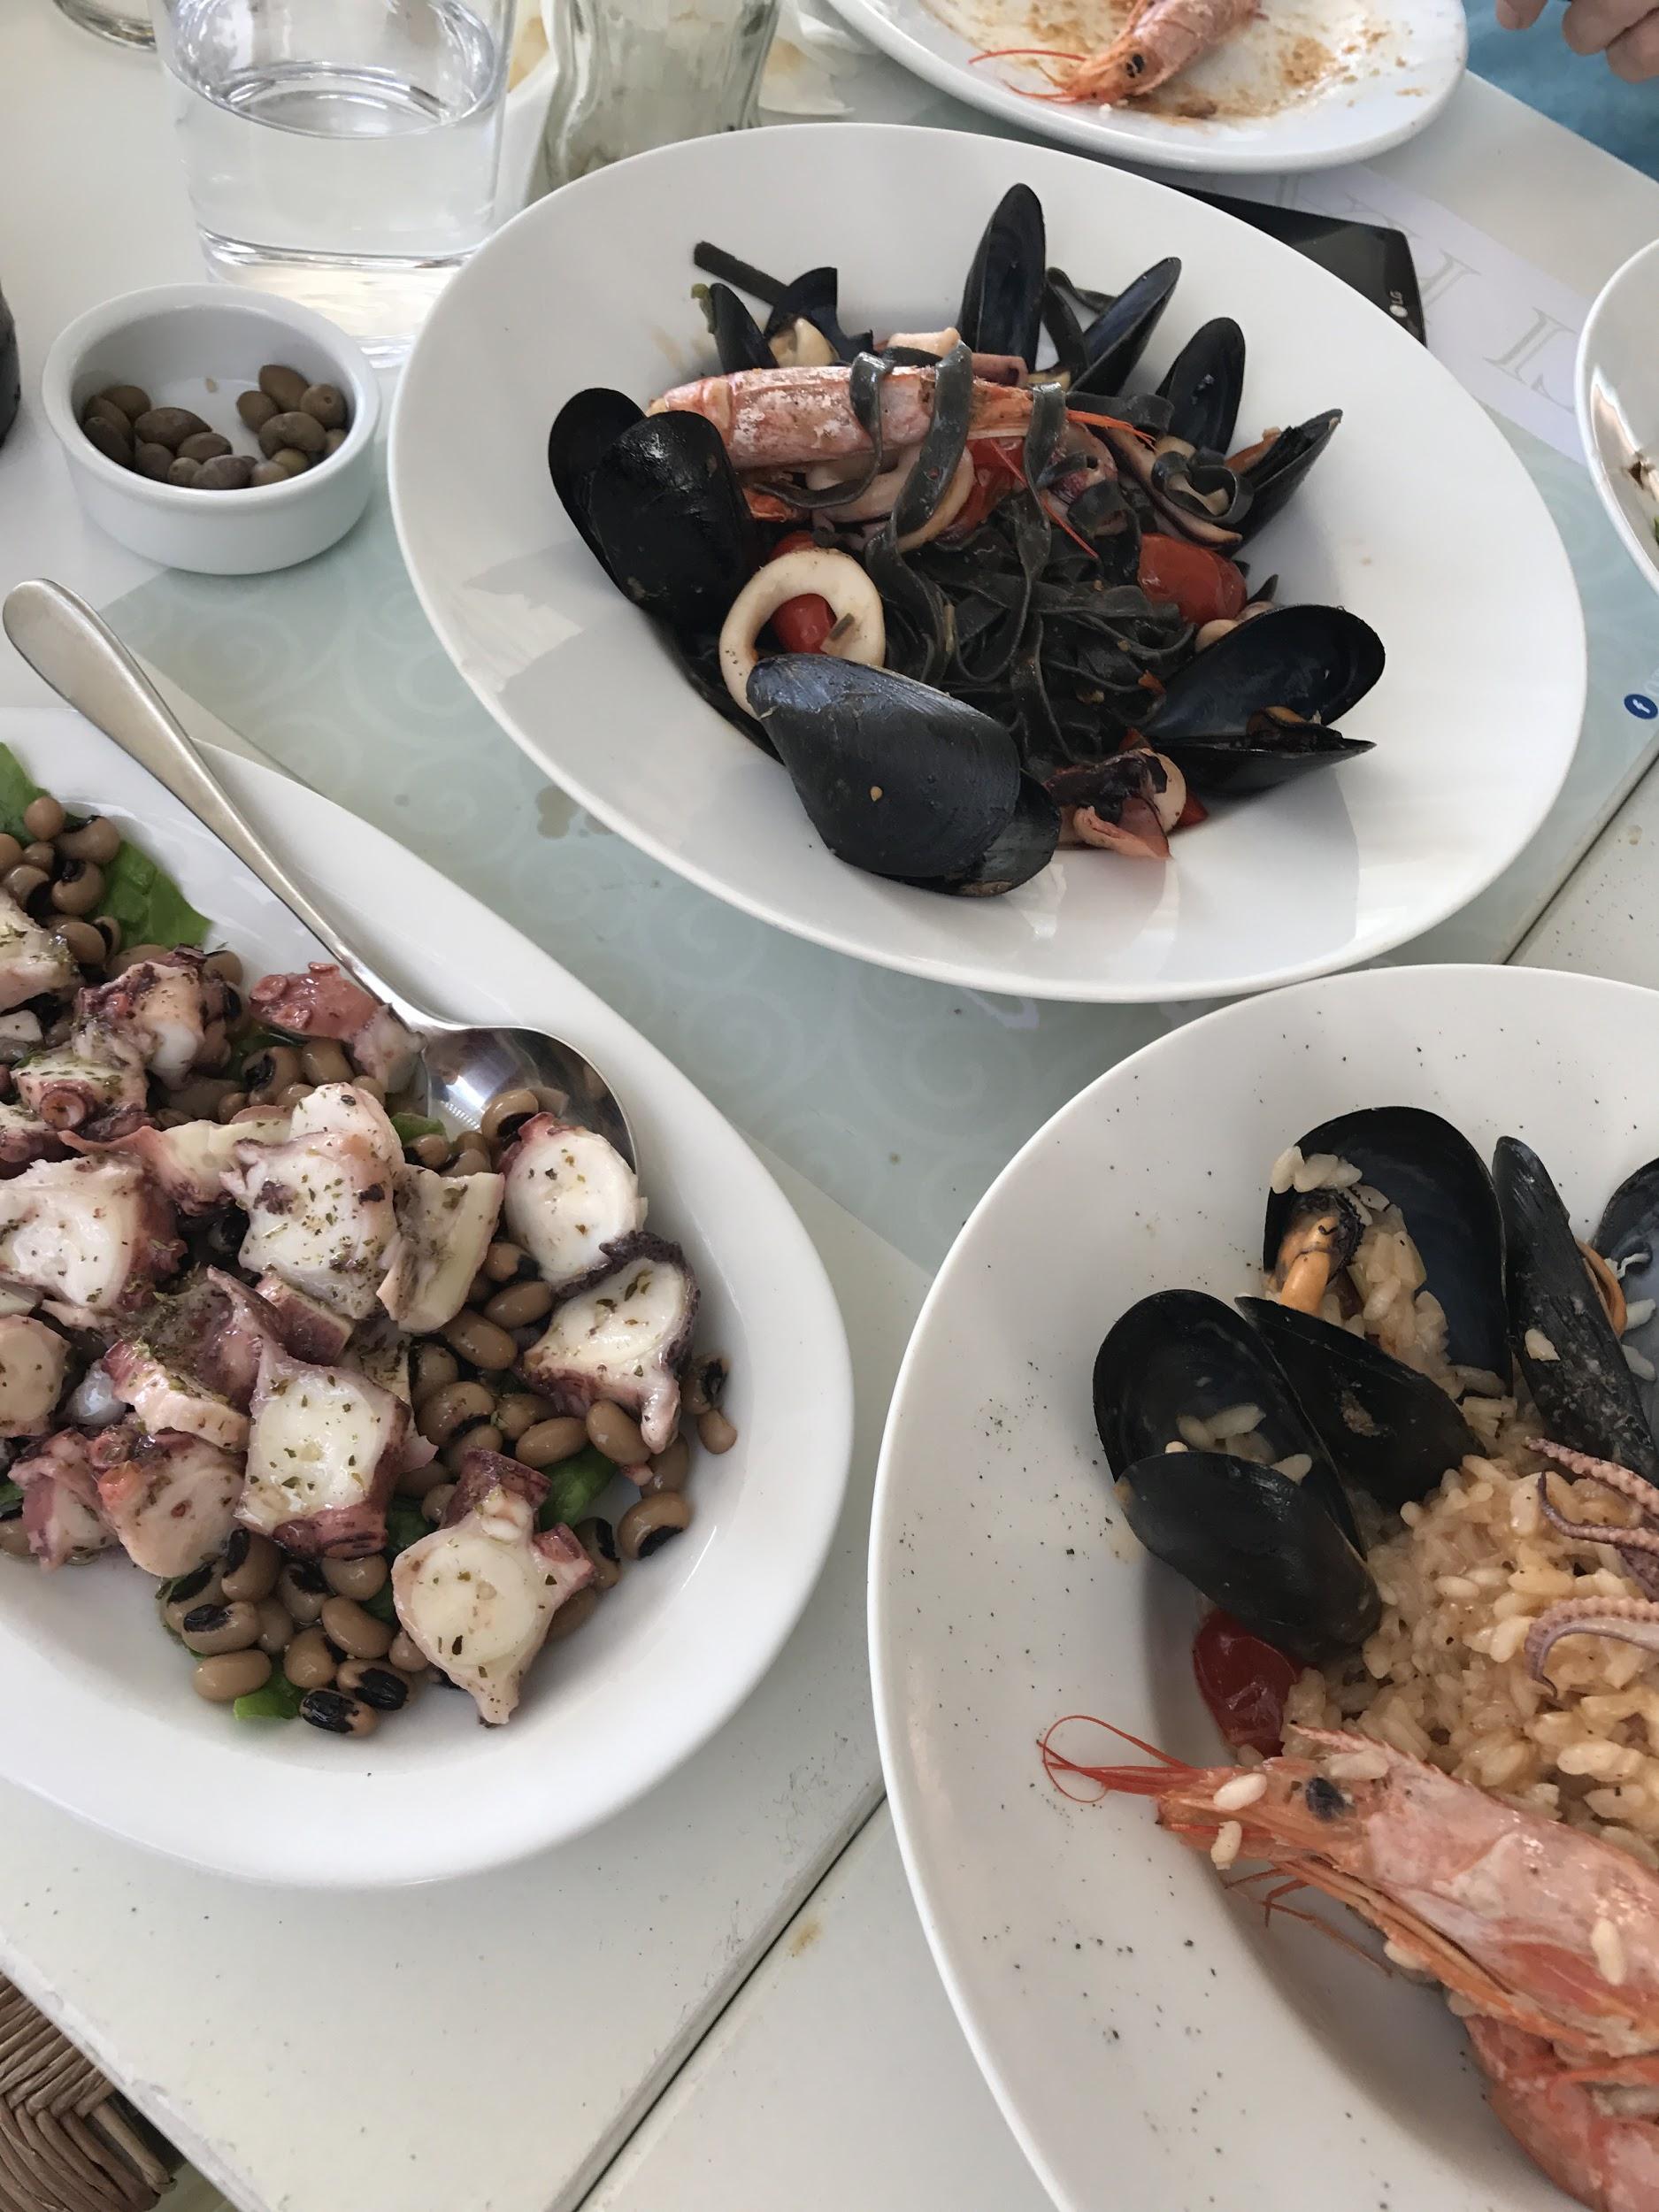 Στην περιοχή Κόρθι με την ομώνυμη παραλία υπάρχει το Sea Satin Nino, ένα εξαιρετικό ελληνικο-ιταλικό εστιατόριο! Αν πάλι βρεθείς στο Μπατσί- ένα μικρό αλλα δημοφιλές τουριστικό ψαροχώρι που δοξαστηκε στα 70΄s αλλα άκομη θεωρείται δεύτερο κέντρο και σίγουρα βολευει αν θες να ανακαλύψεις την δυτική πλευρά του νησιού- όφειλεις να κάνεις μια στάση στο Ότι Καλό, ένα υπέροχο seafood restaurant με θέα στη θάλασσα και πιάτα που δε ξεχνιούντα έυκολα! Last but not least, το πιο δημοφιλές by far εστιατόριο του νησιού είναι ο Ταρσάνας!